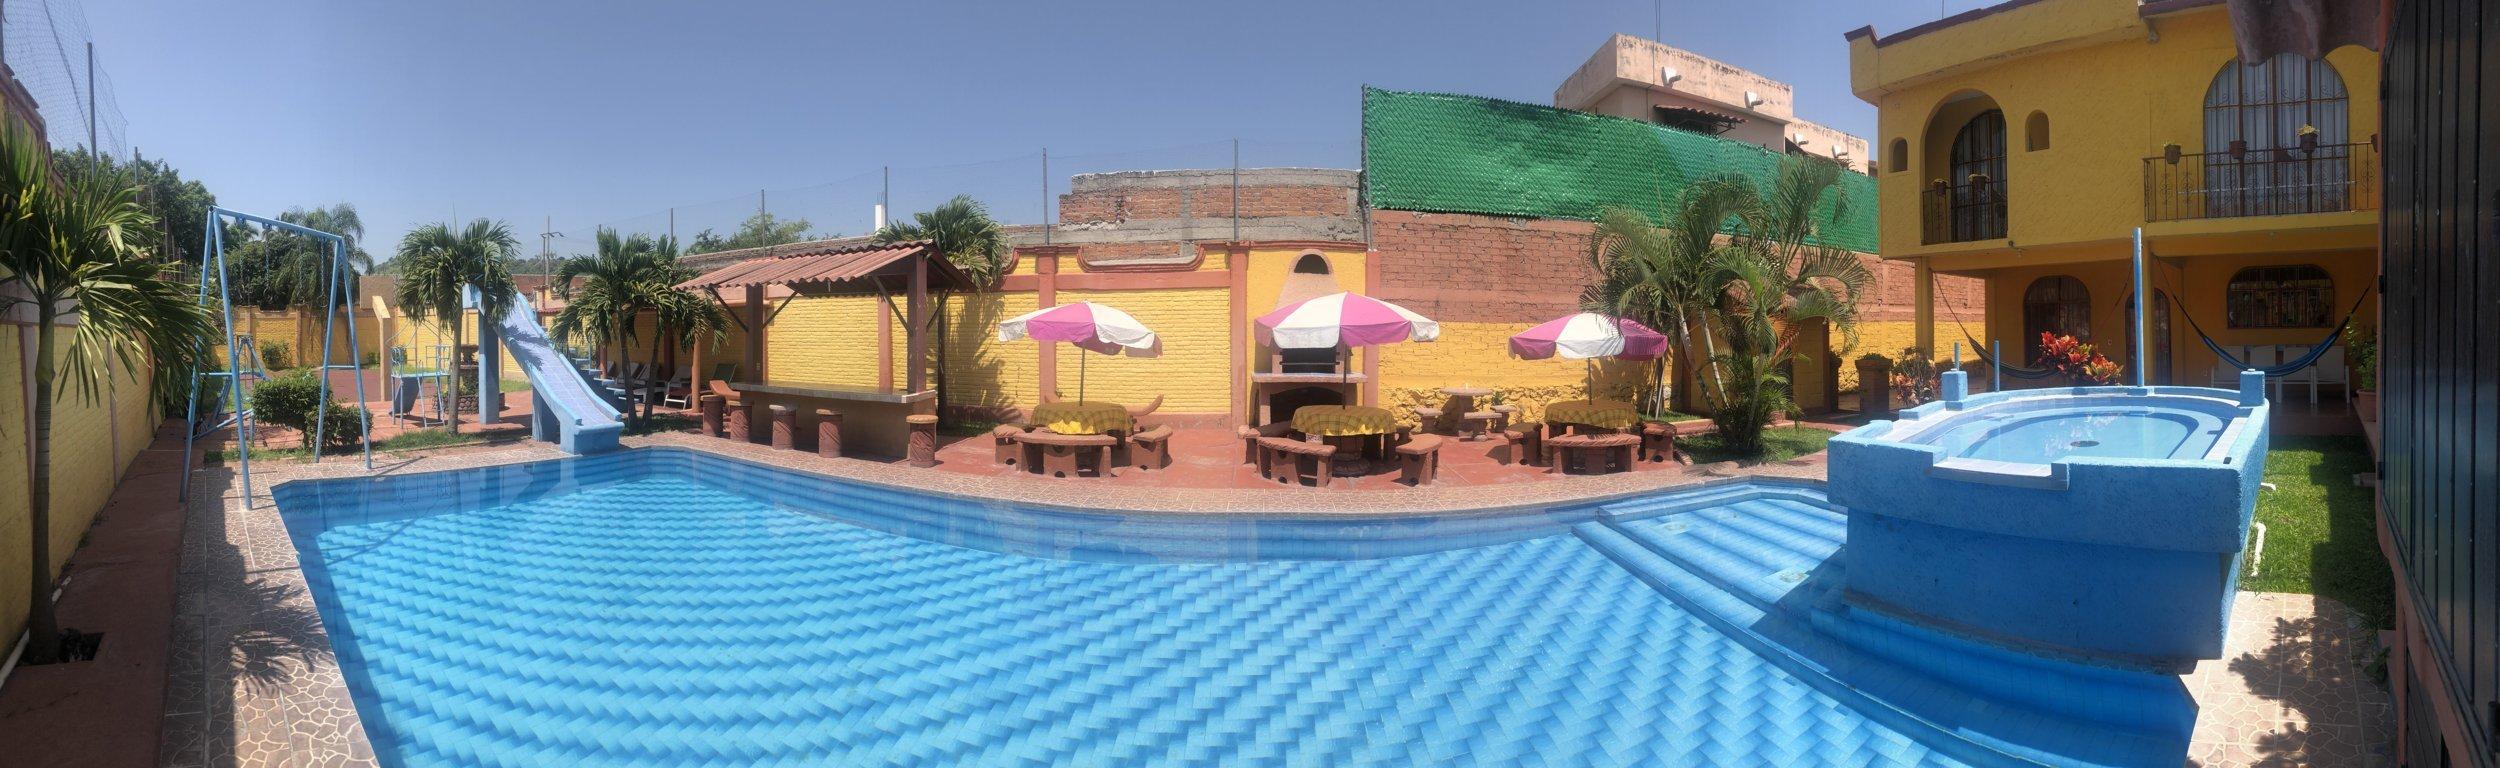 Casa josefa weekend cuernavaca - Casa de fin de semana ...